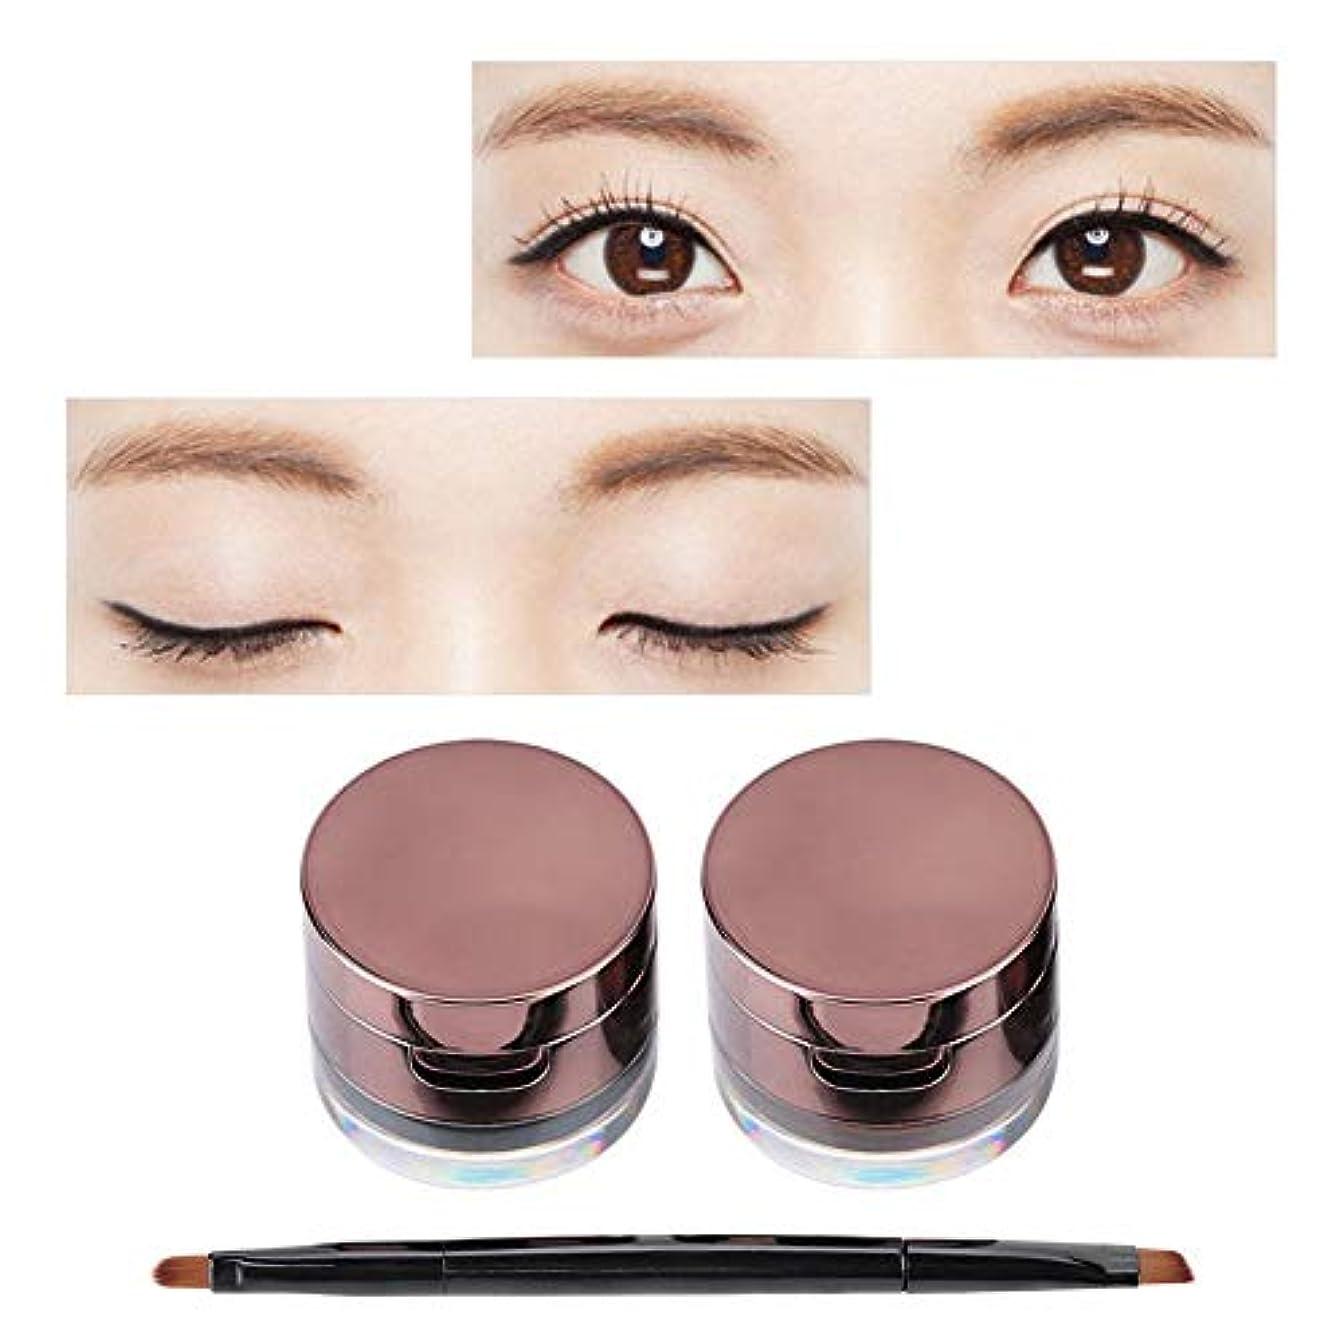 一生基礎誇張眉毛パウダーセット、ミスファイブメイクアップアイライナー眉毛パウダーセット防水化粧品ブラシキット